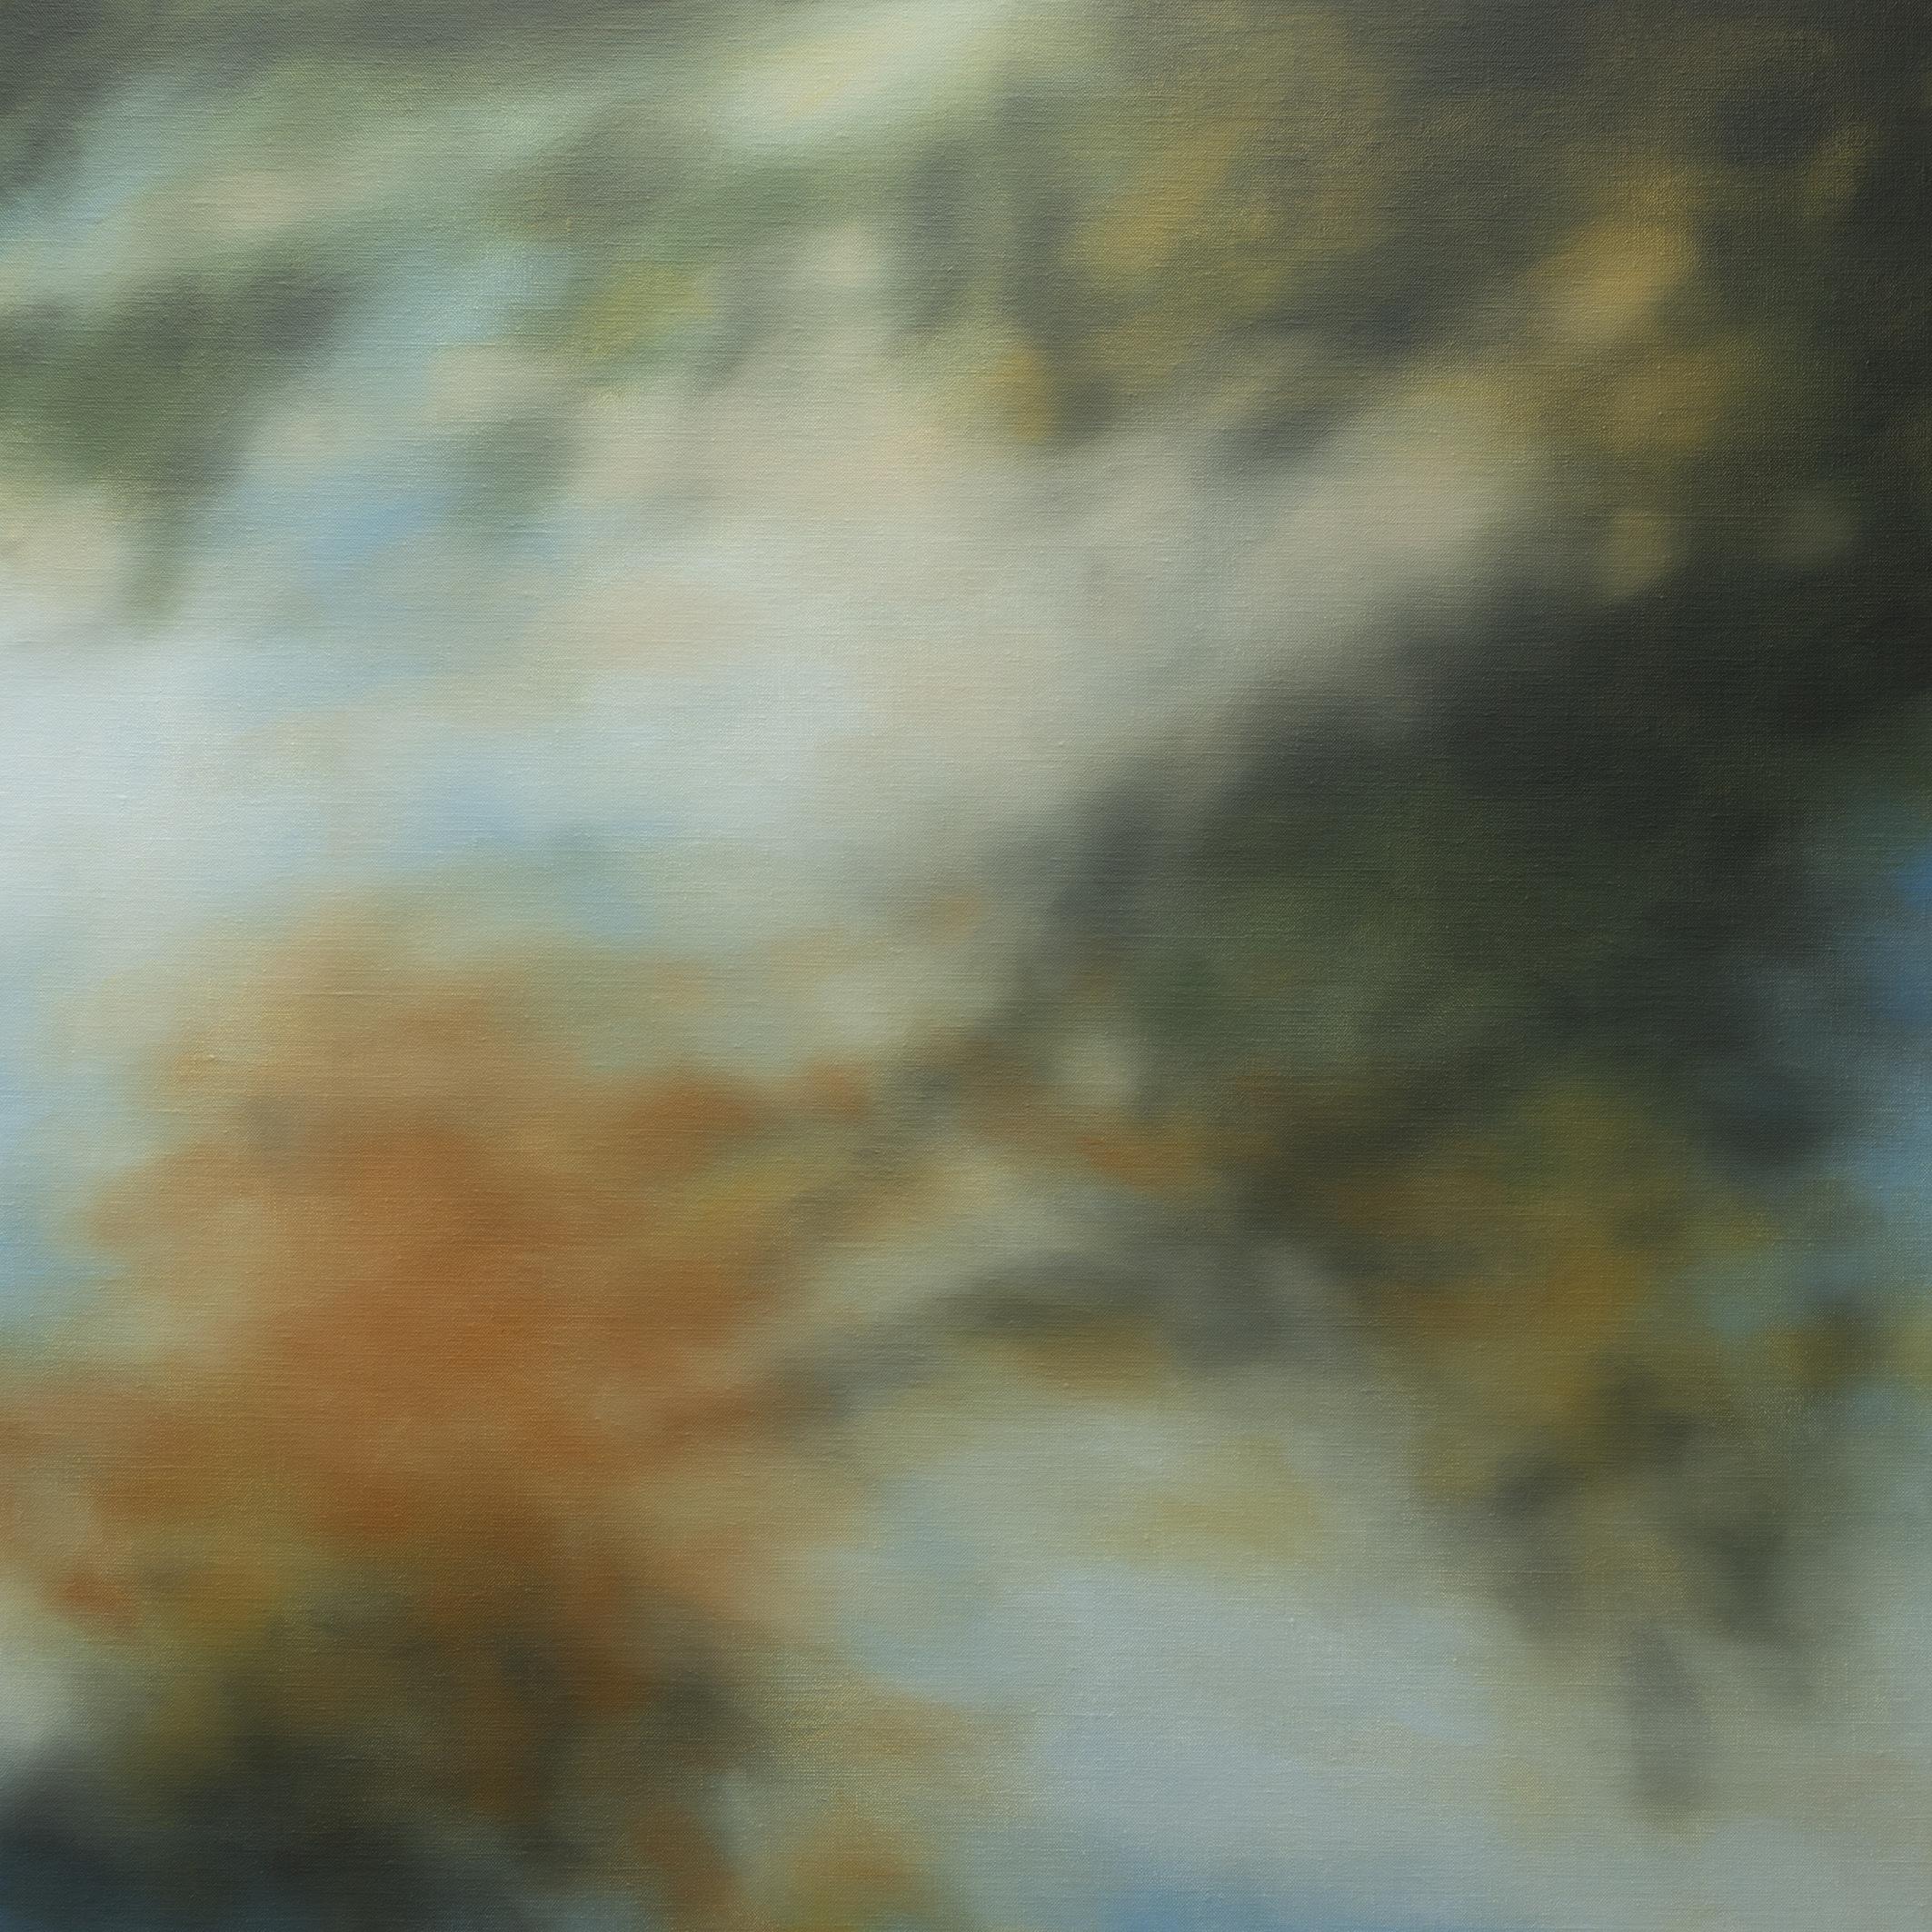 Torbjörn Limé - Reconstruction, oil on canvas